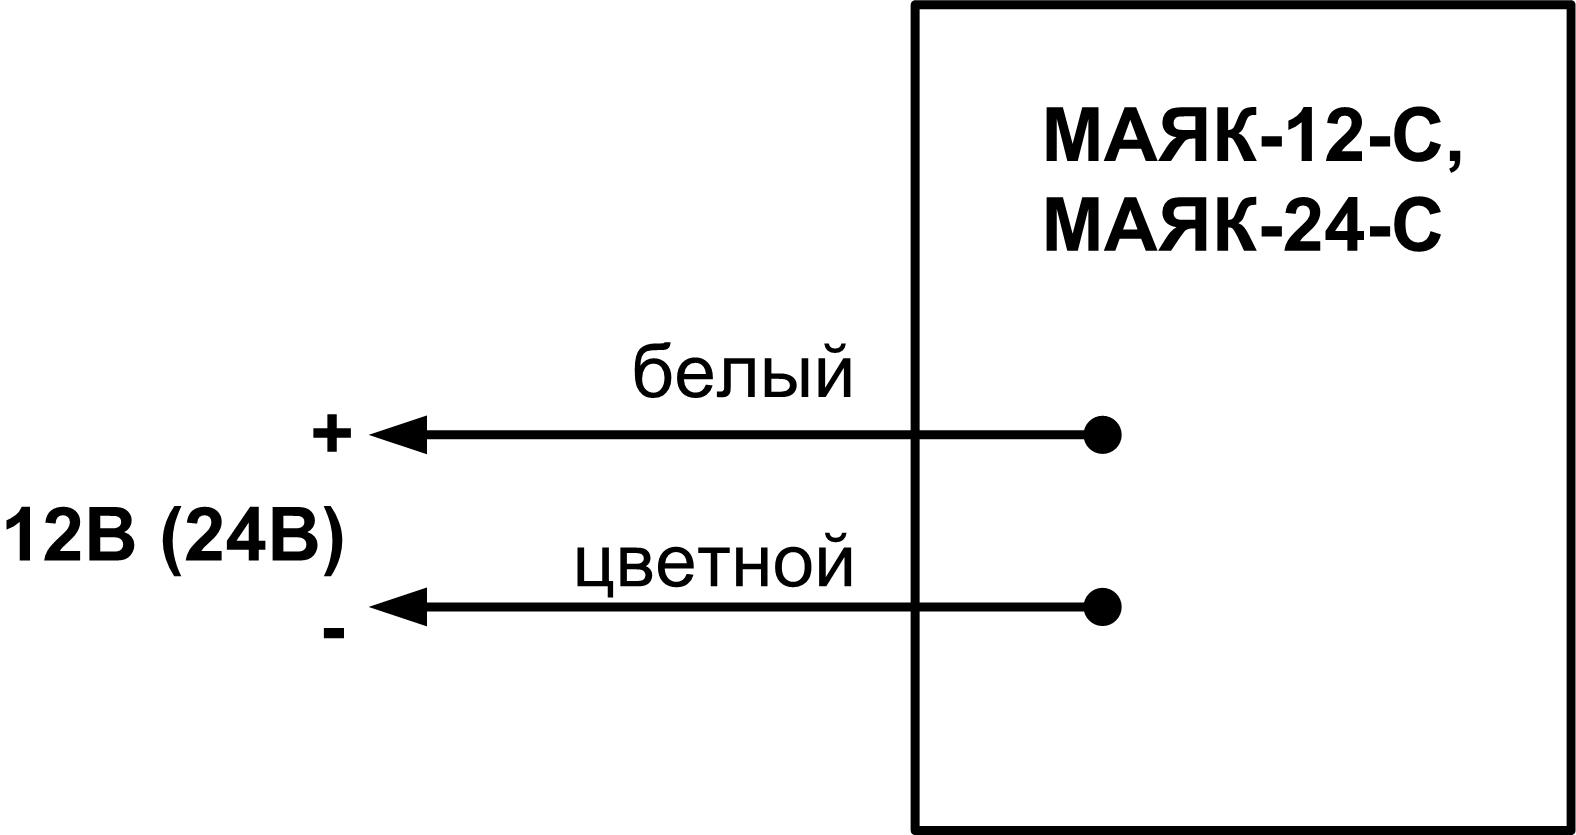 Оповещатель молния-12 схема подключения